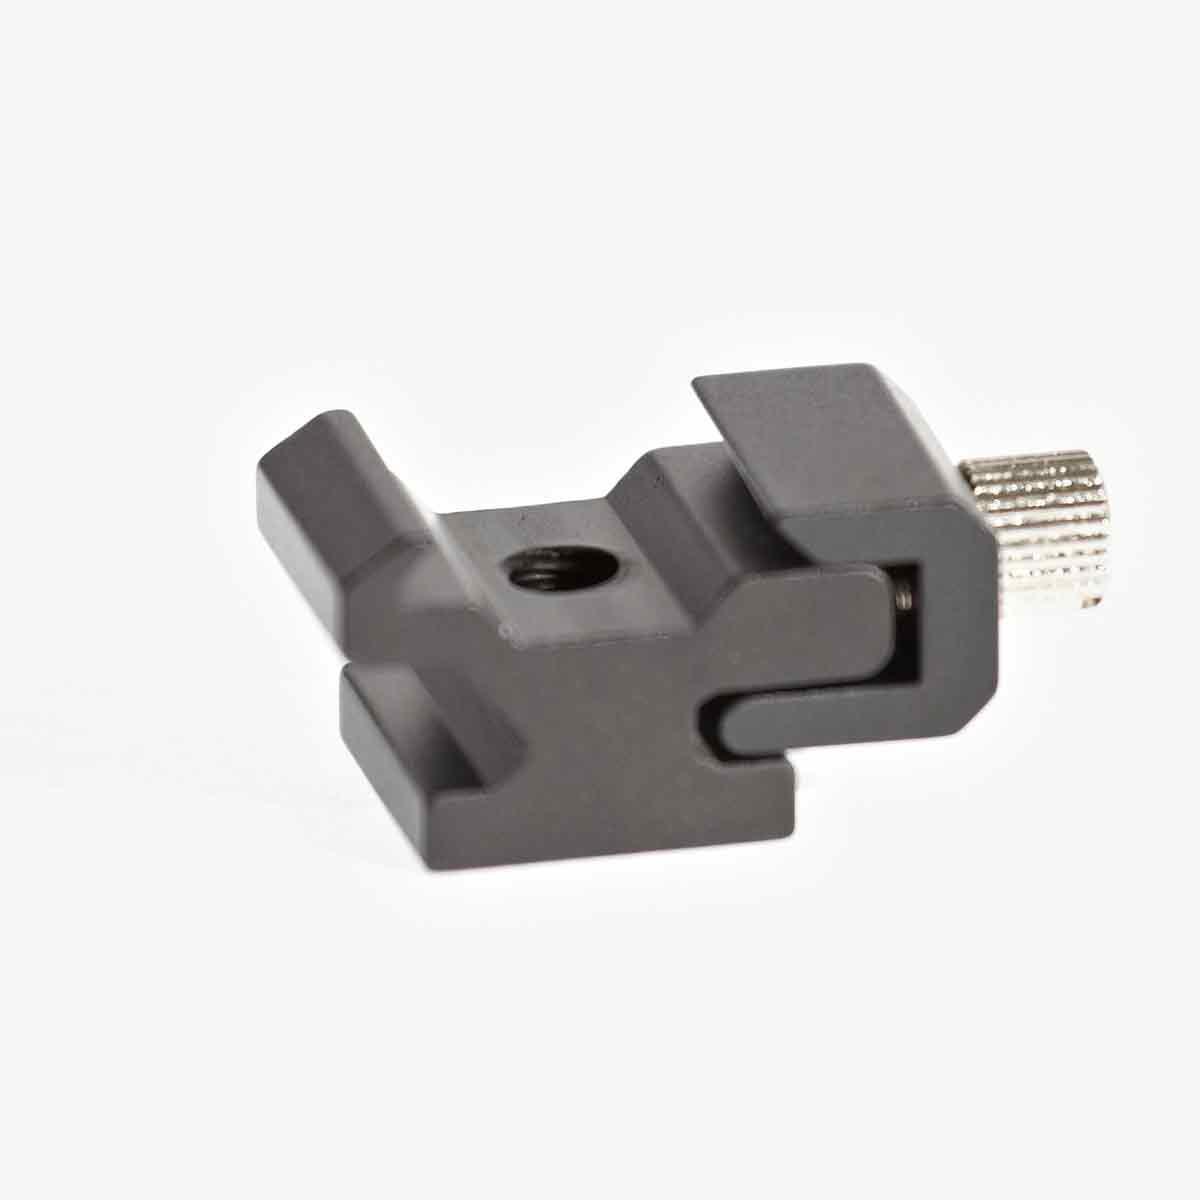 Горячий башмак с резьбой 1.4 (PLA4390)